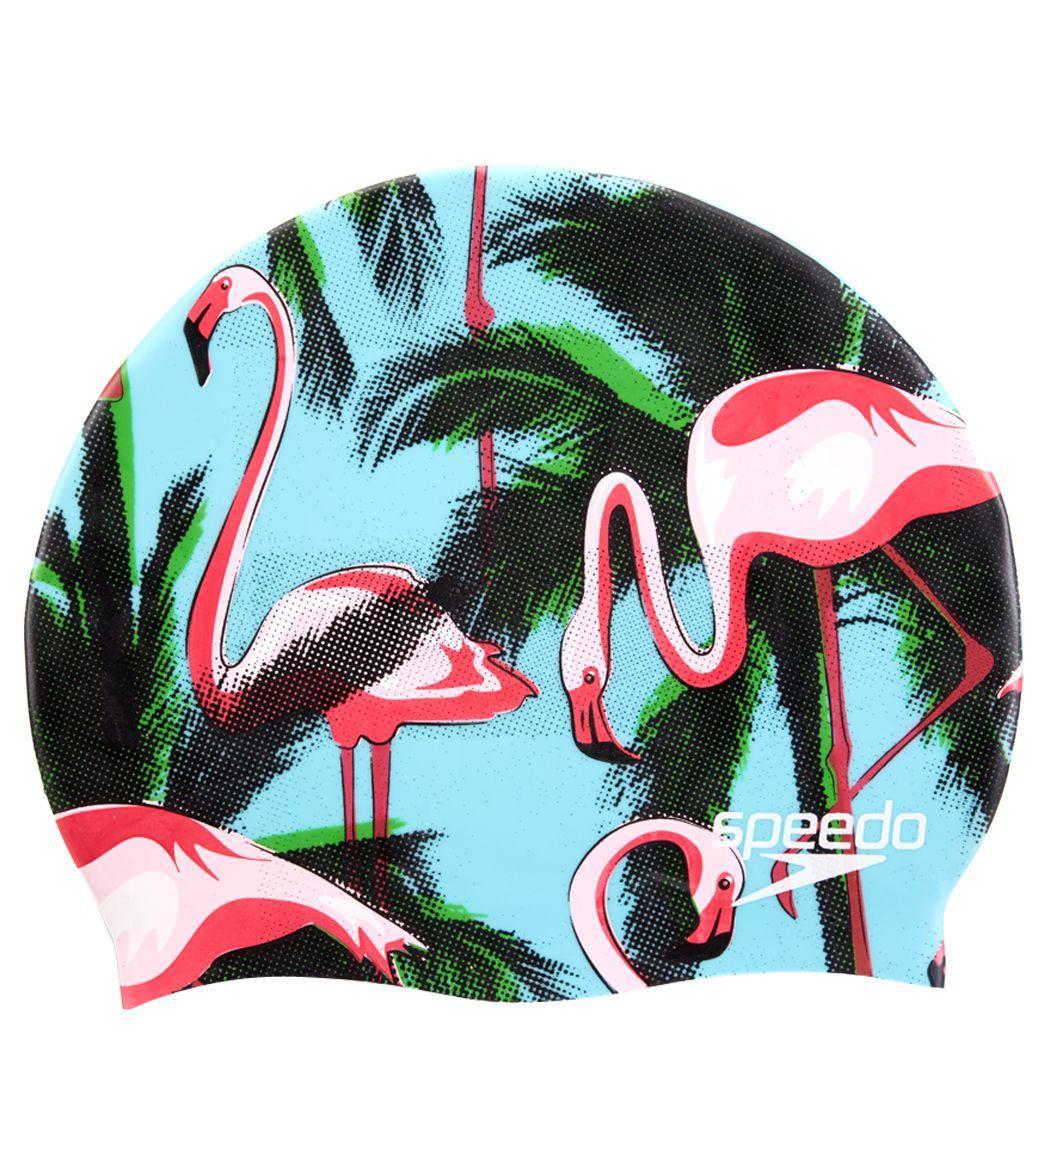 Speedo Elastomeric Flamingo Cocktail Swim Cap At